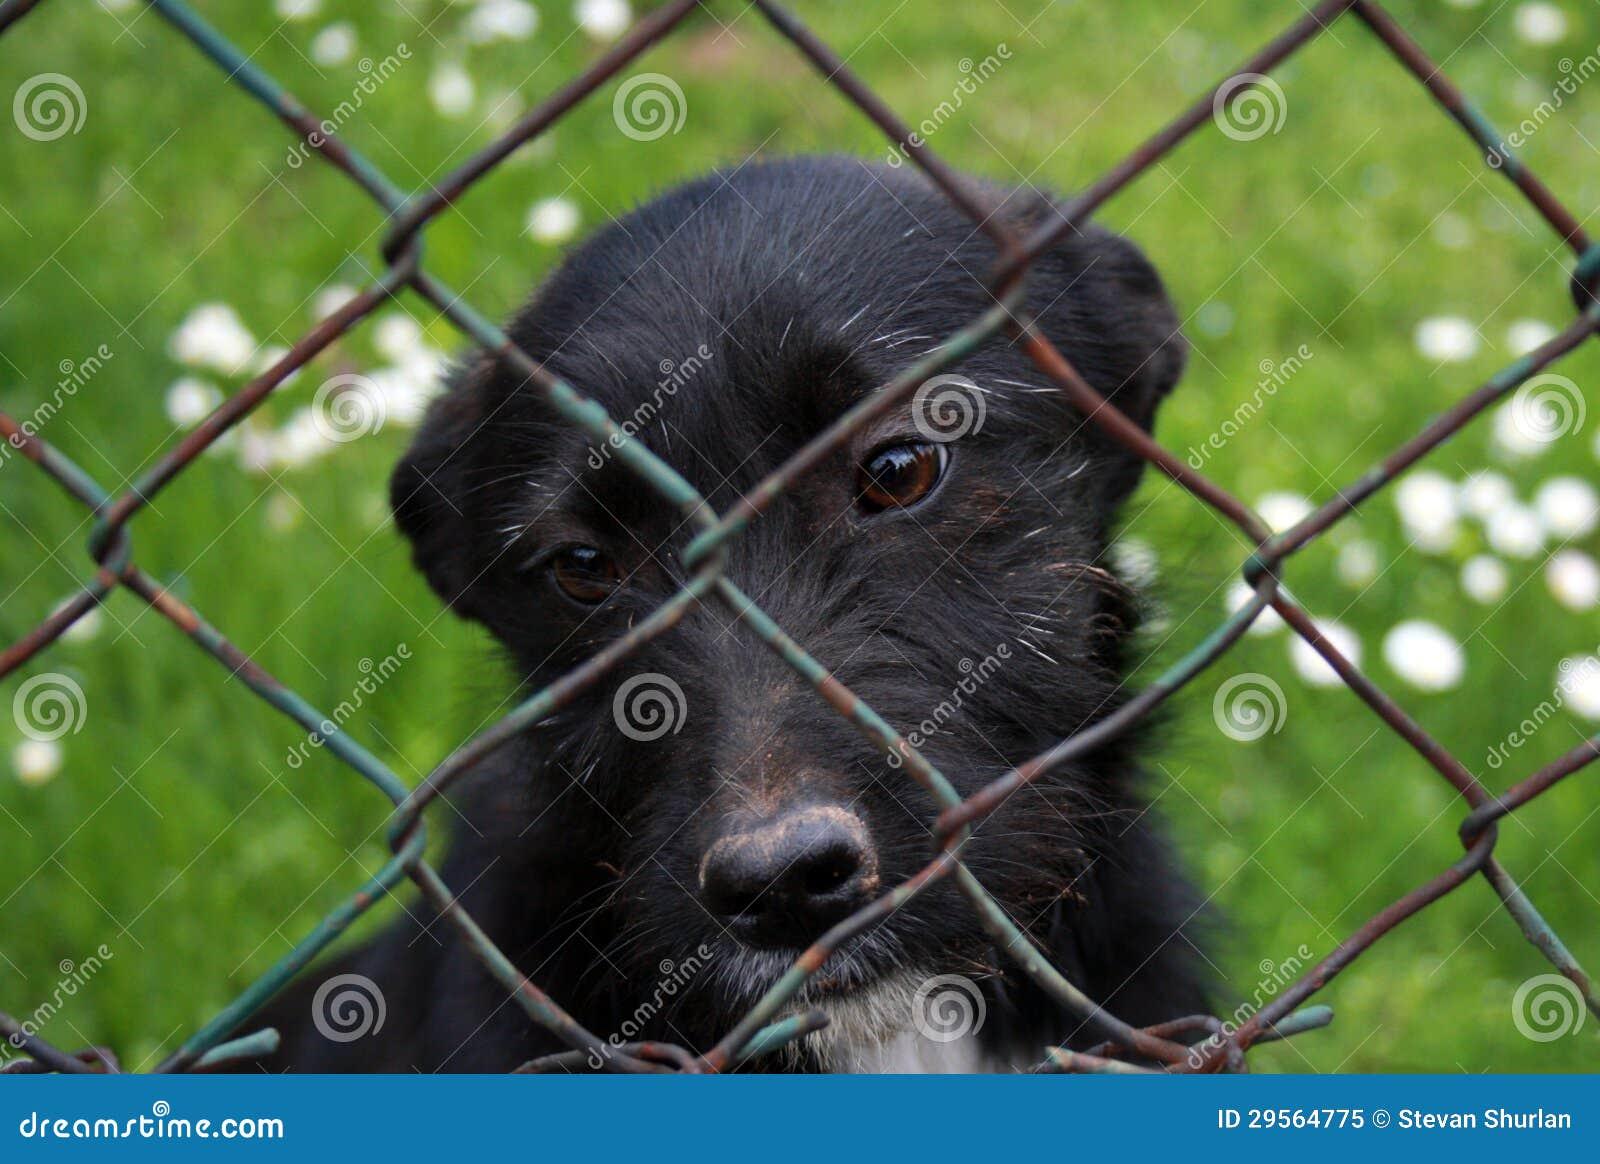 犬拘留所小狗